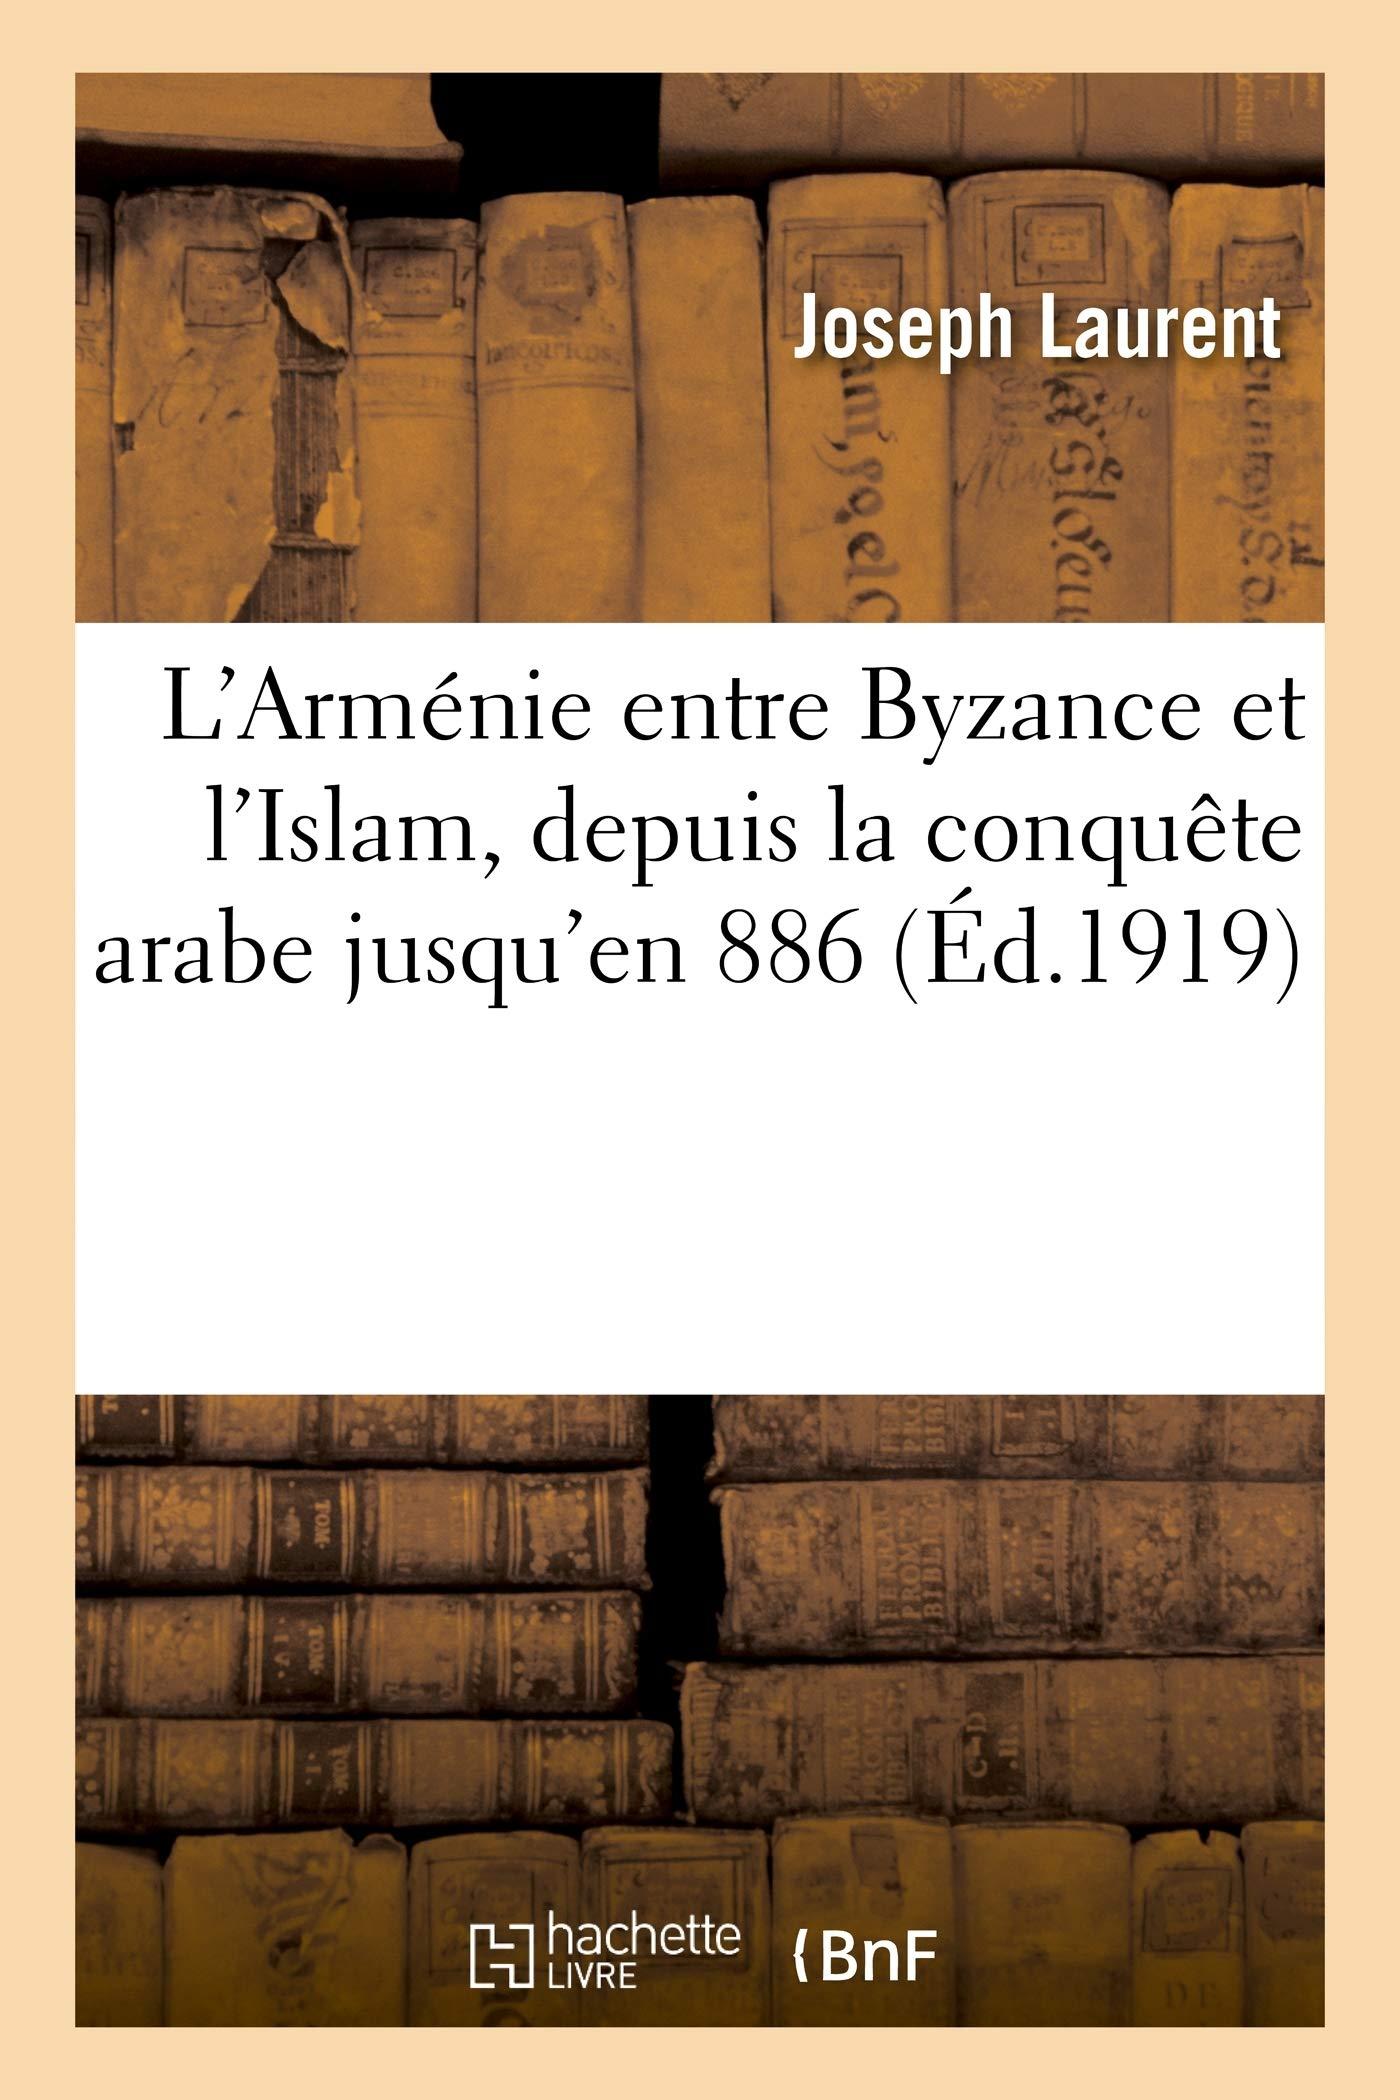 L'Armenie entre Byzance et l'Islam Cover